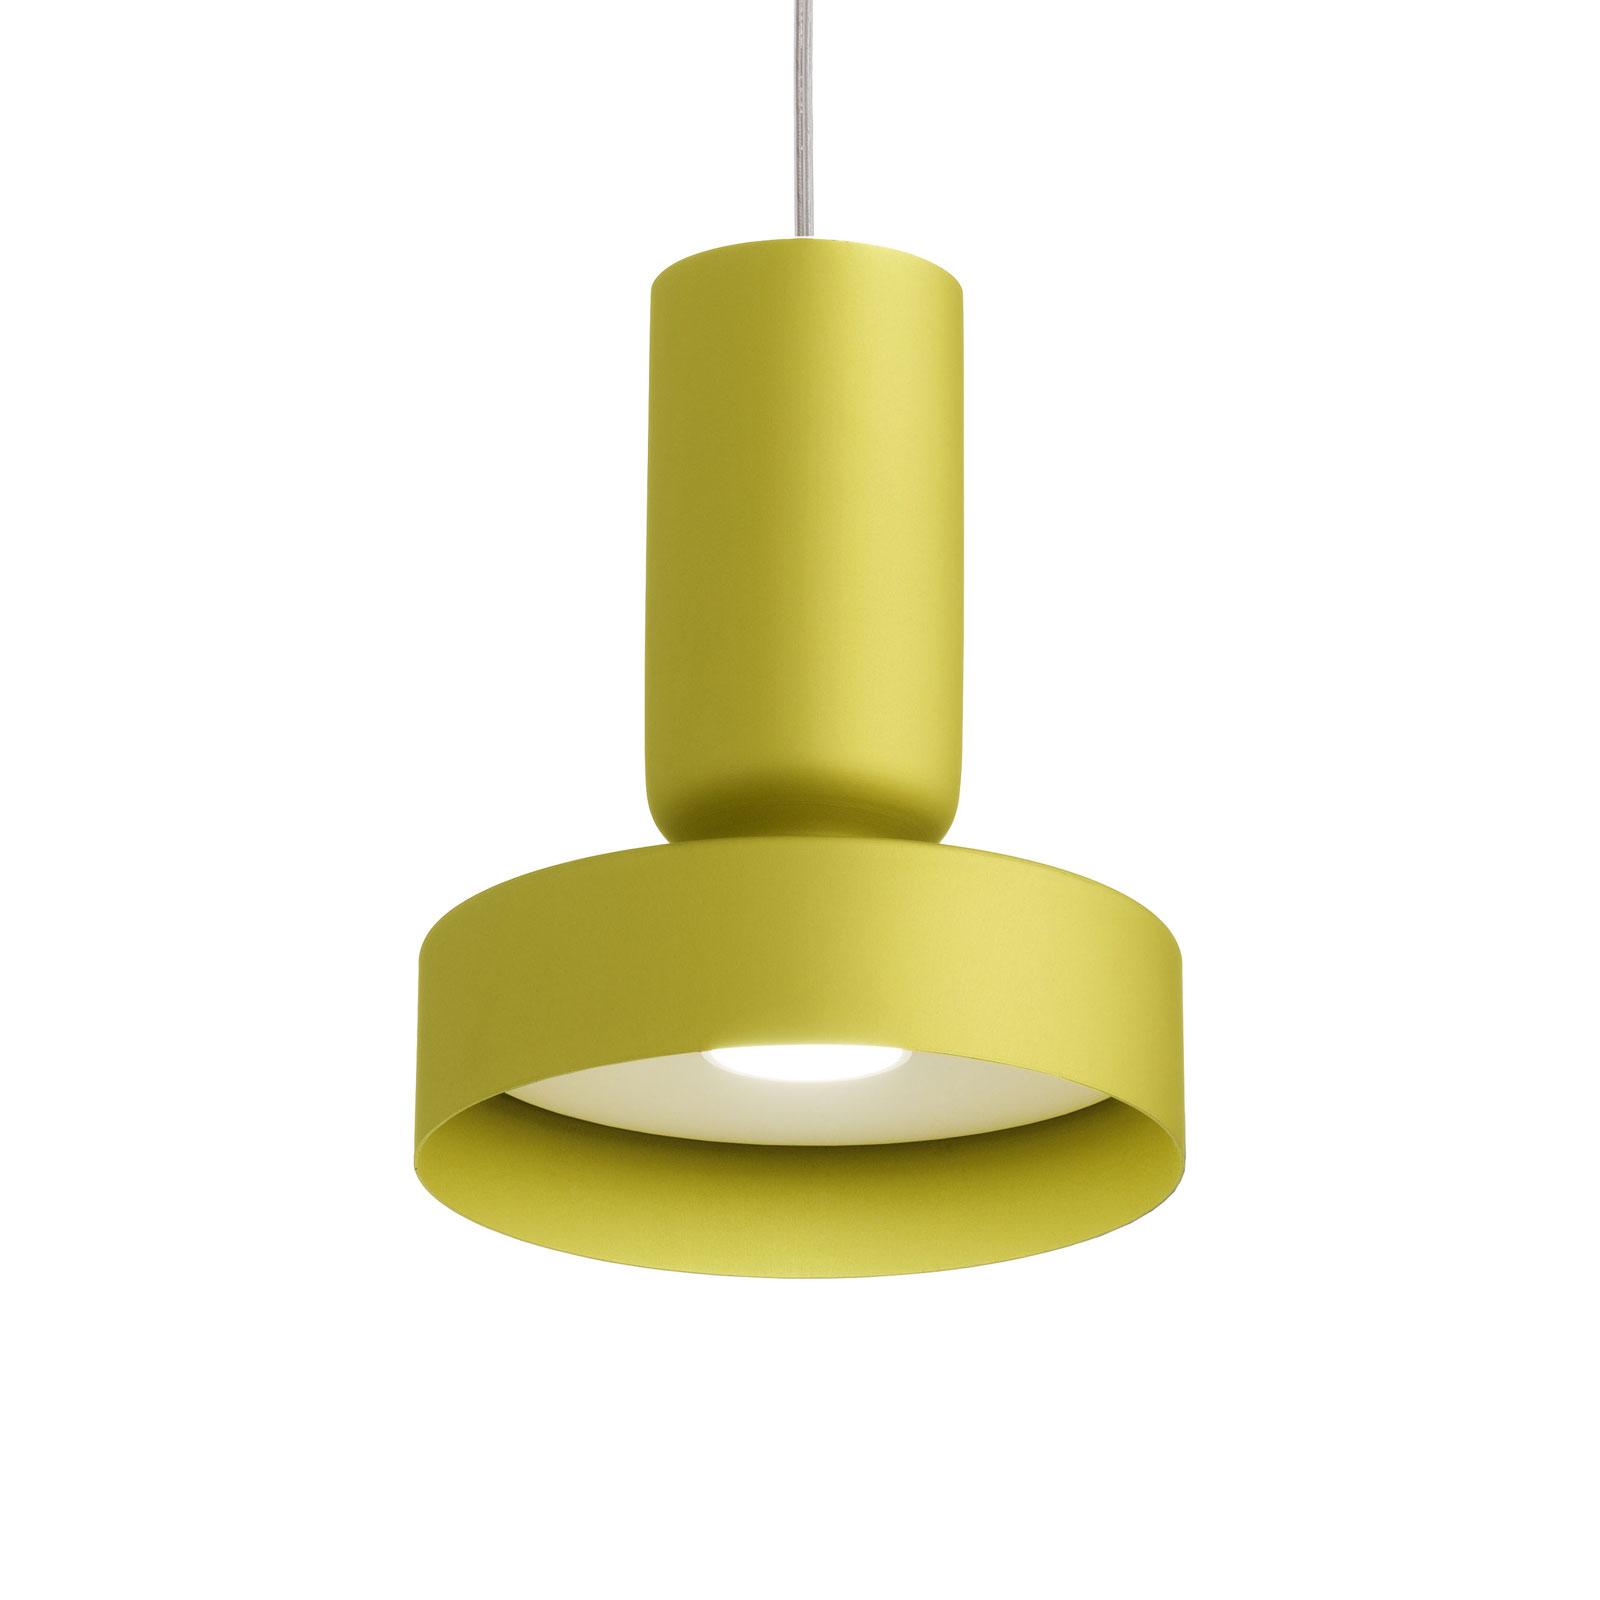 Acquista Modo Luce Hammer lampada a sospensione